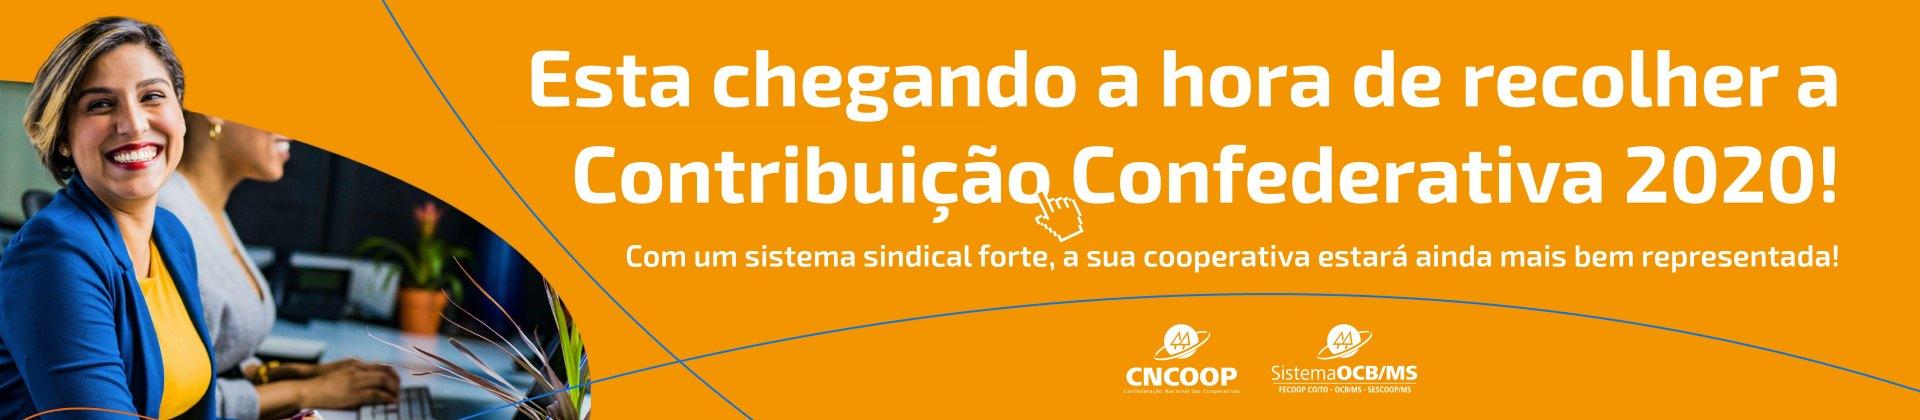 contri_confederativa_Prancheta 1